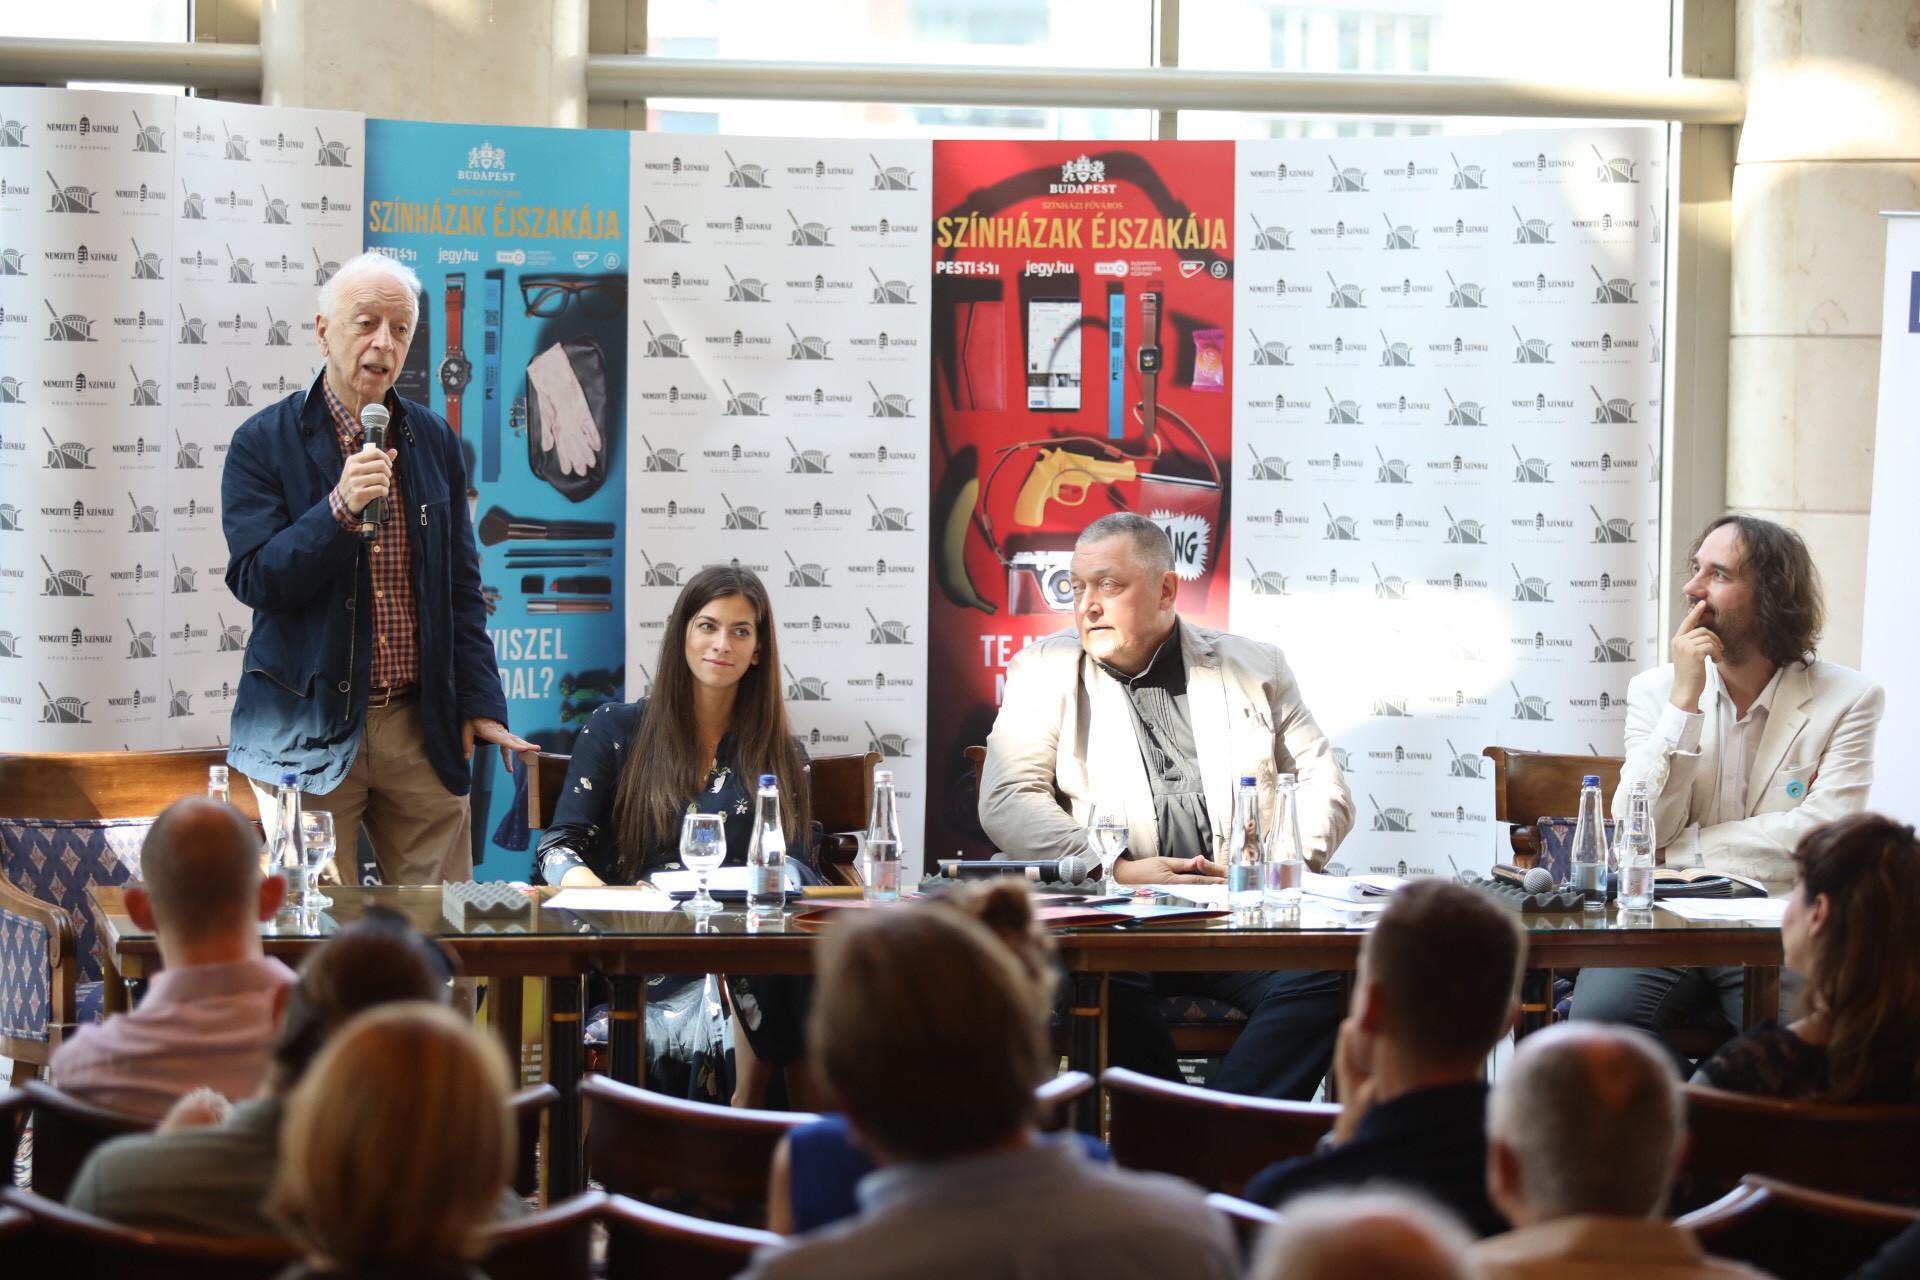 Szirtes Tamás (b): A Színházak éjszakája azért ilyen sikeres rendezvény, mert egyaránt szeretik a nézők és a színházban dolgozók is